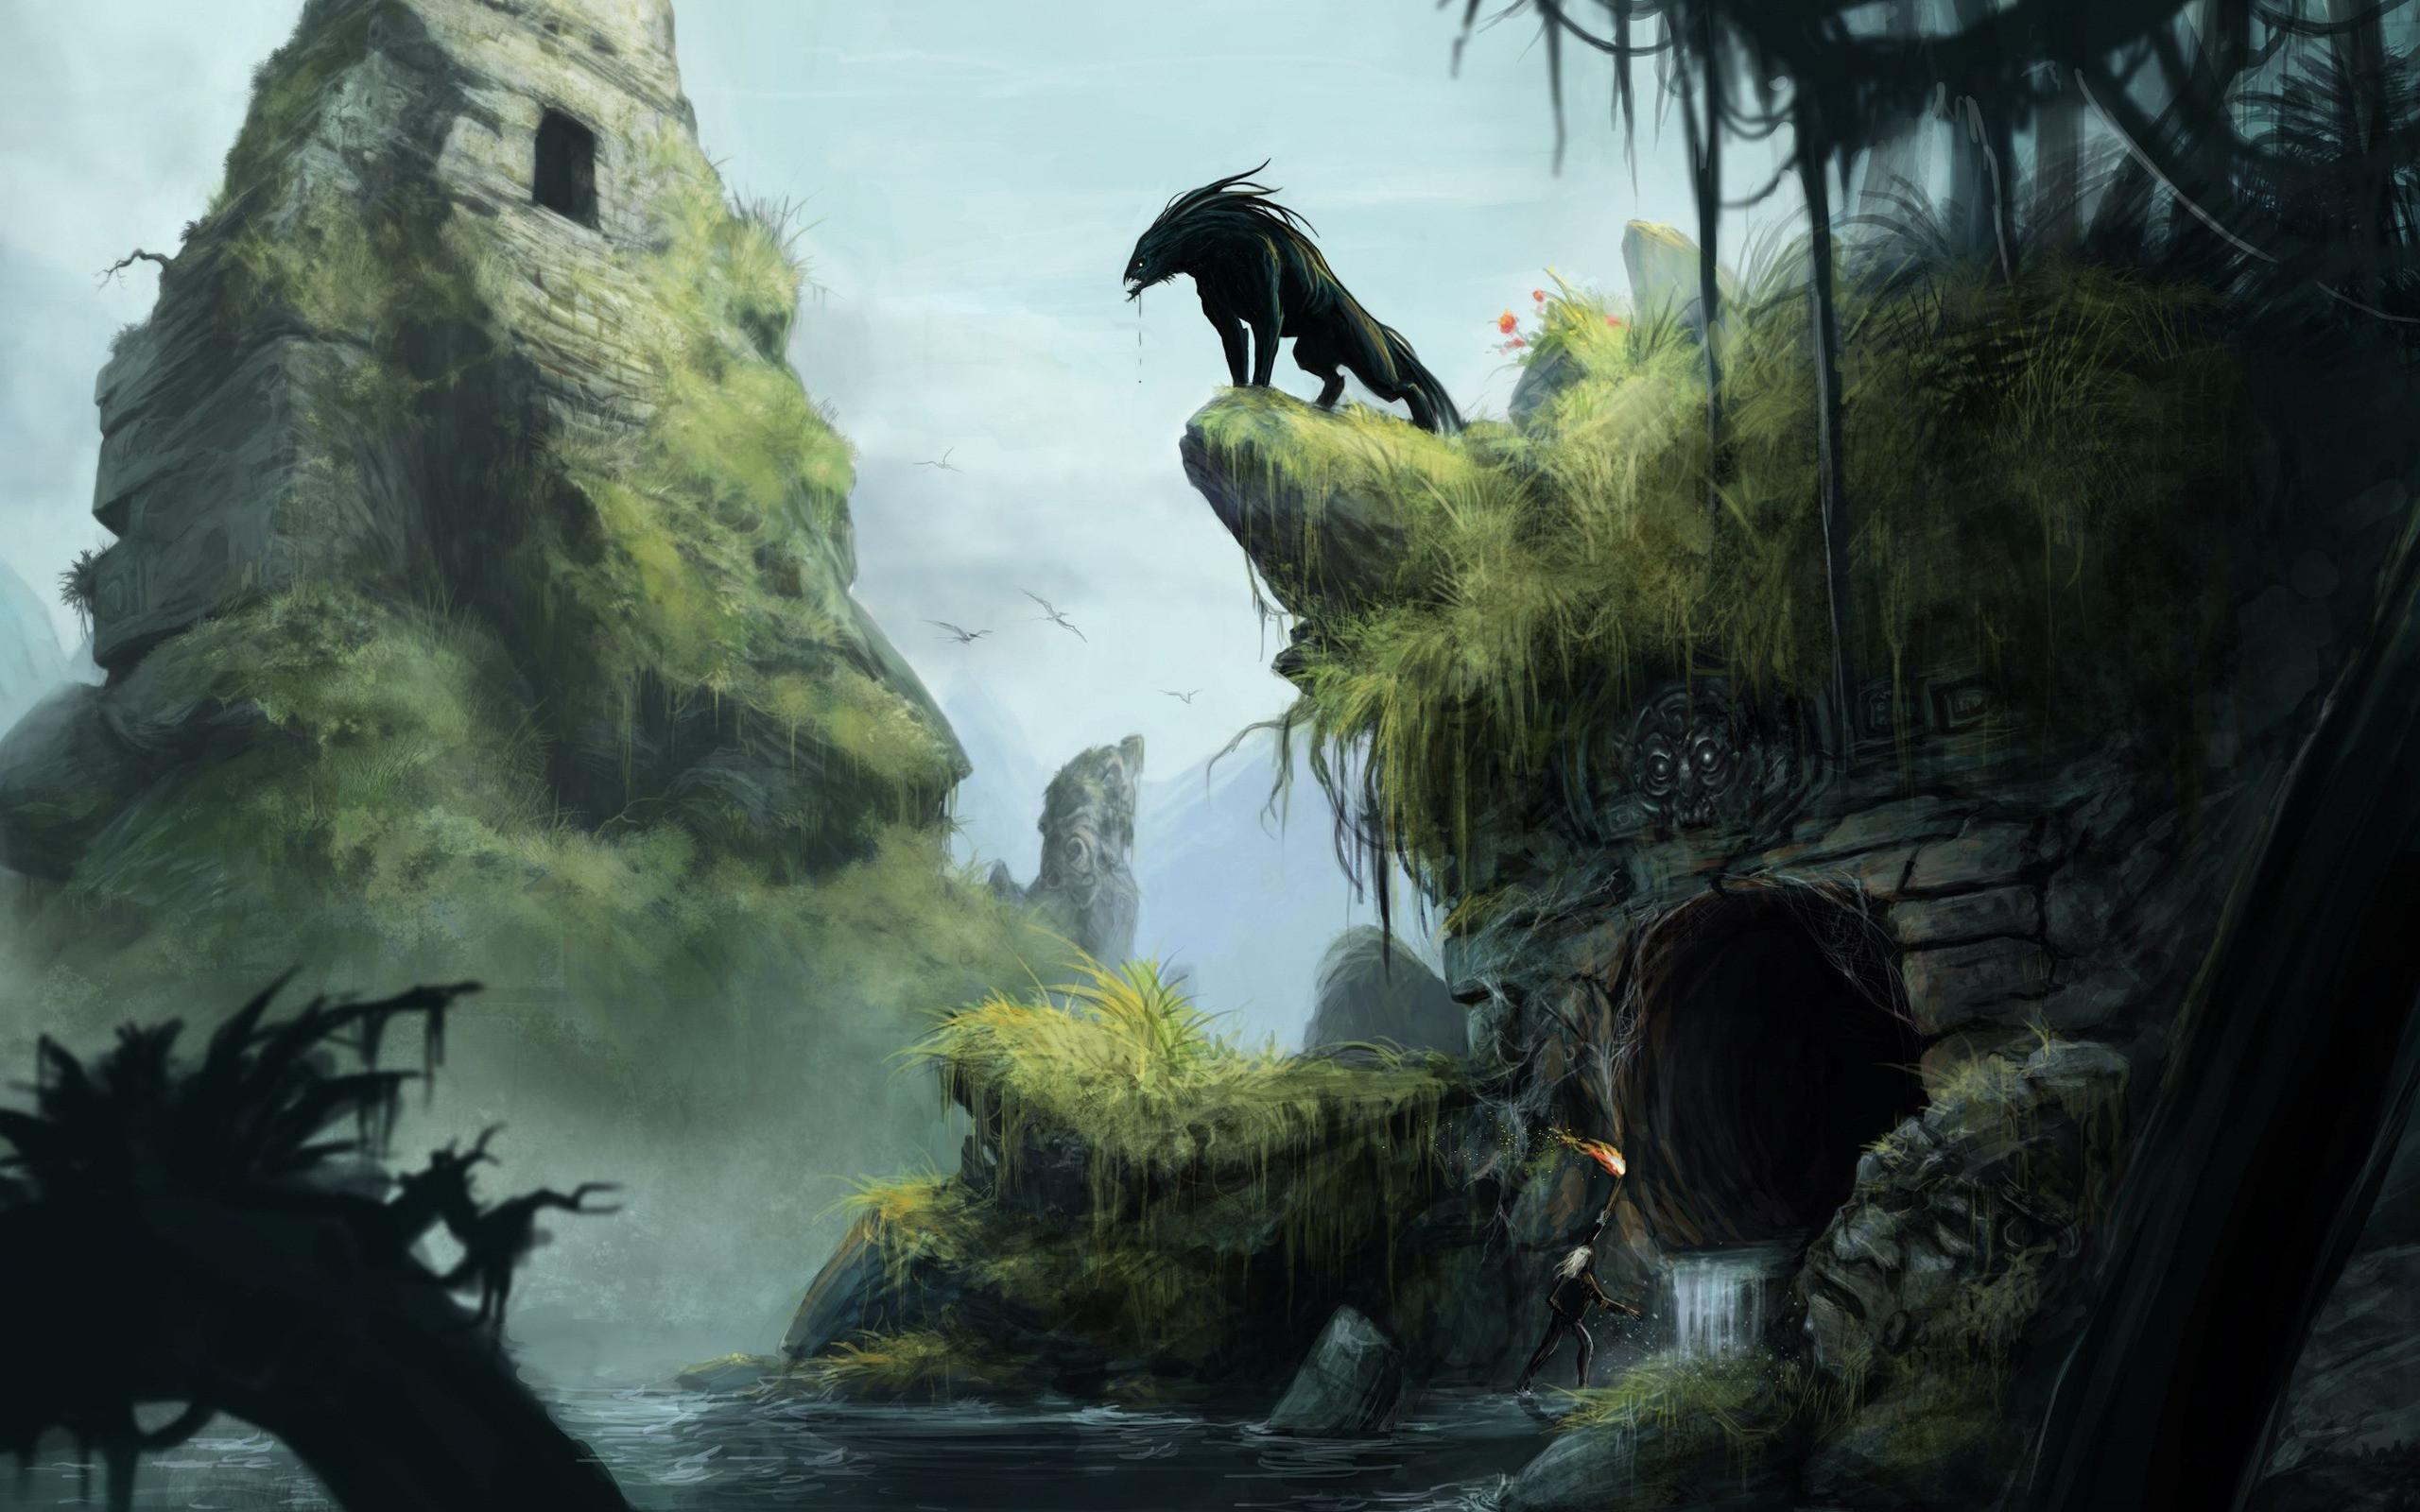 … Werewolf Calendar; Werewolf creature